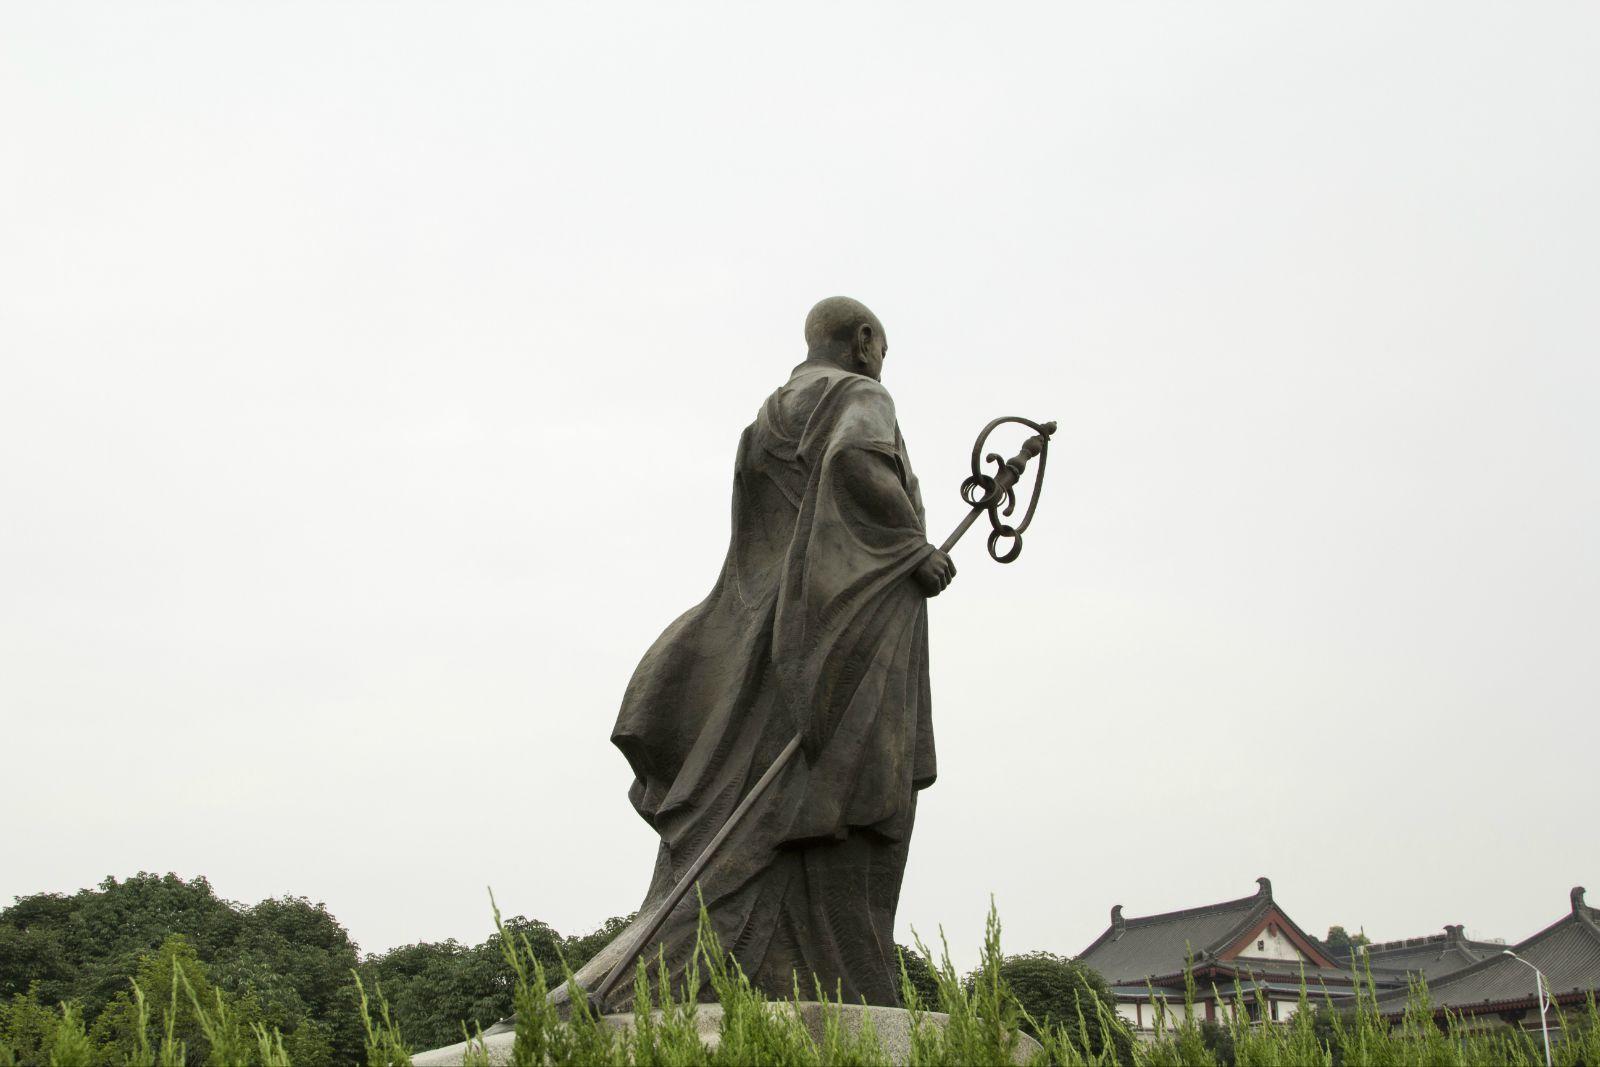 在慈恩寺南广场上的玄奘雕像